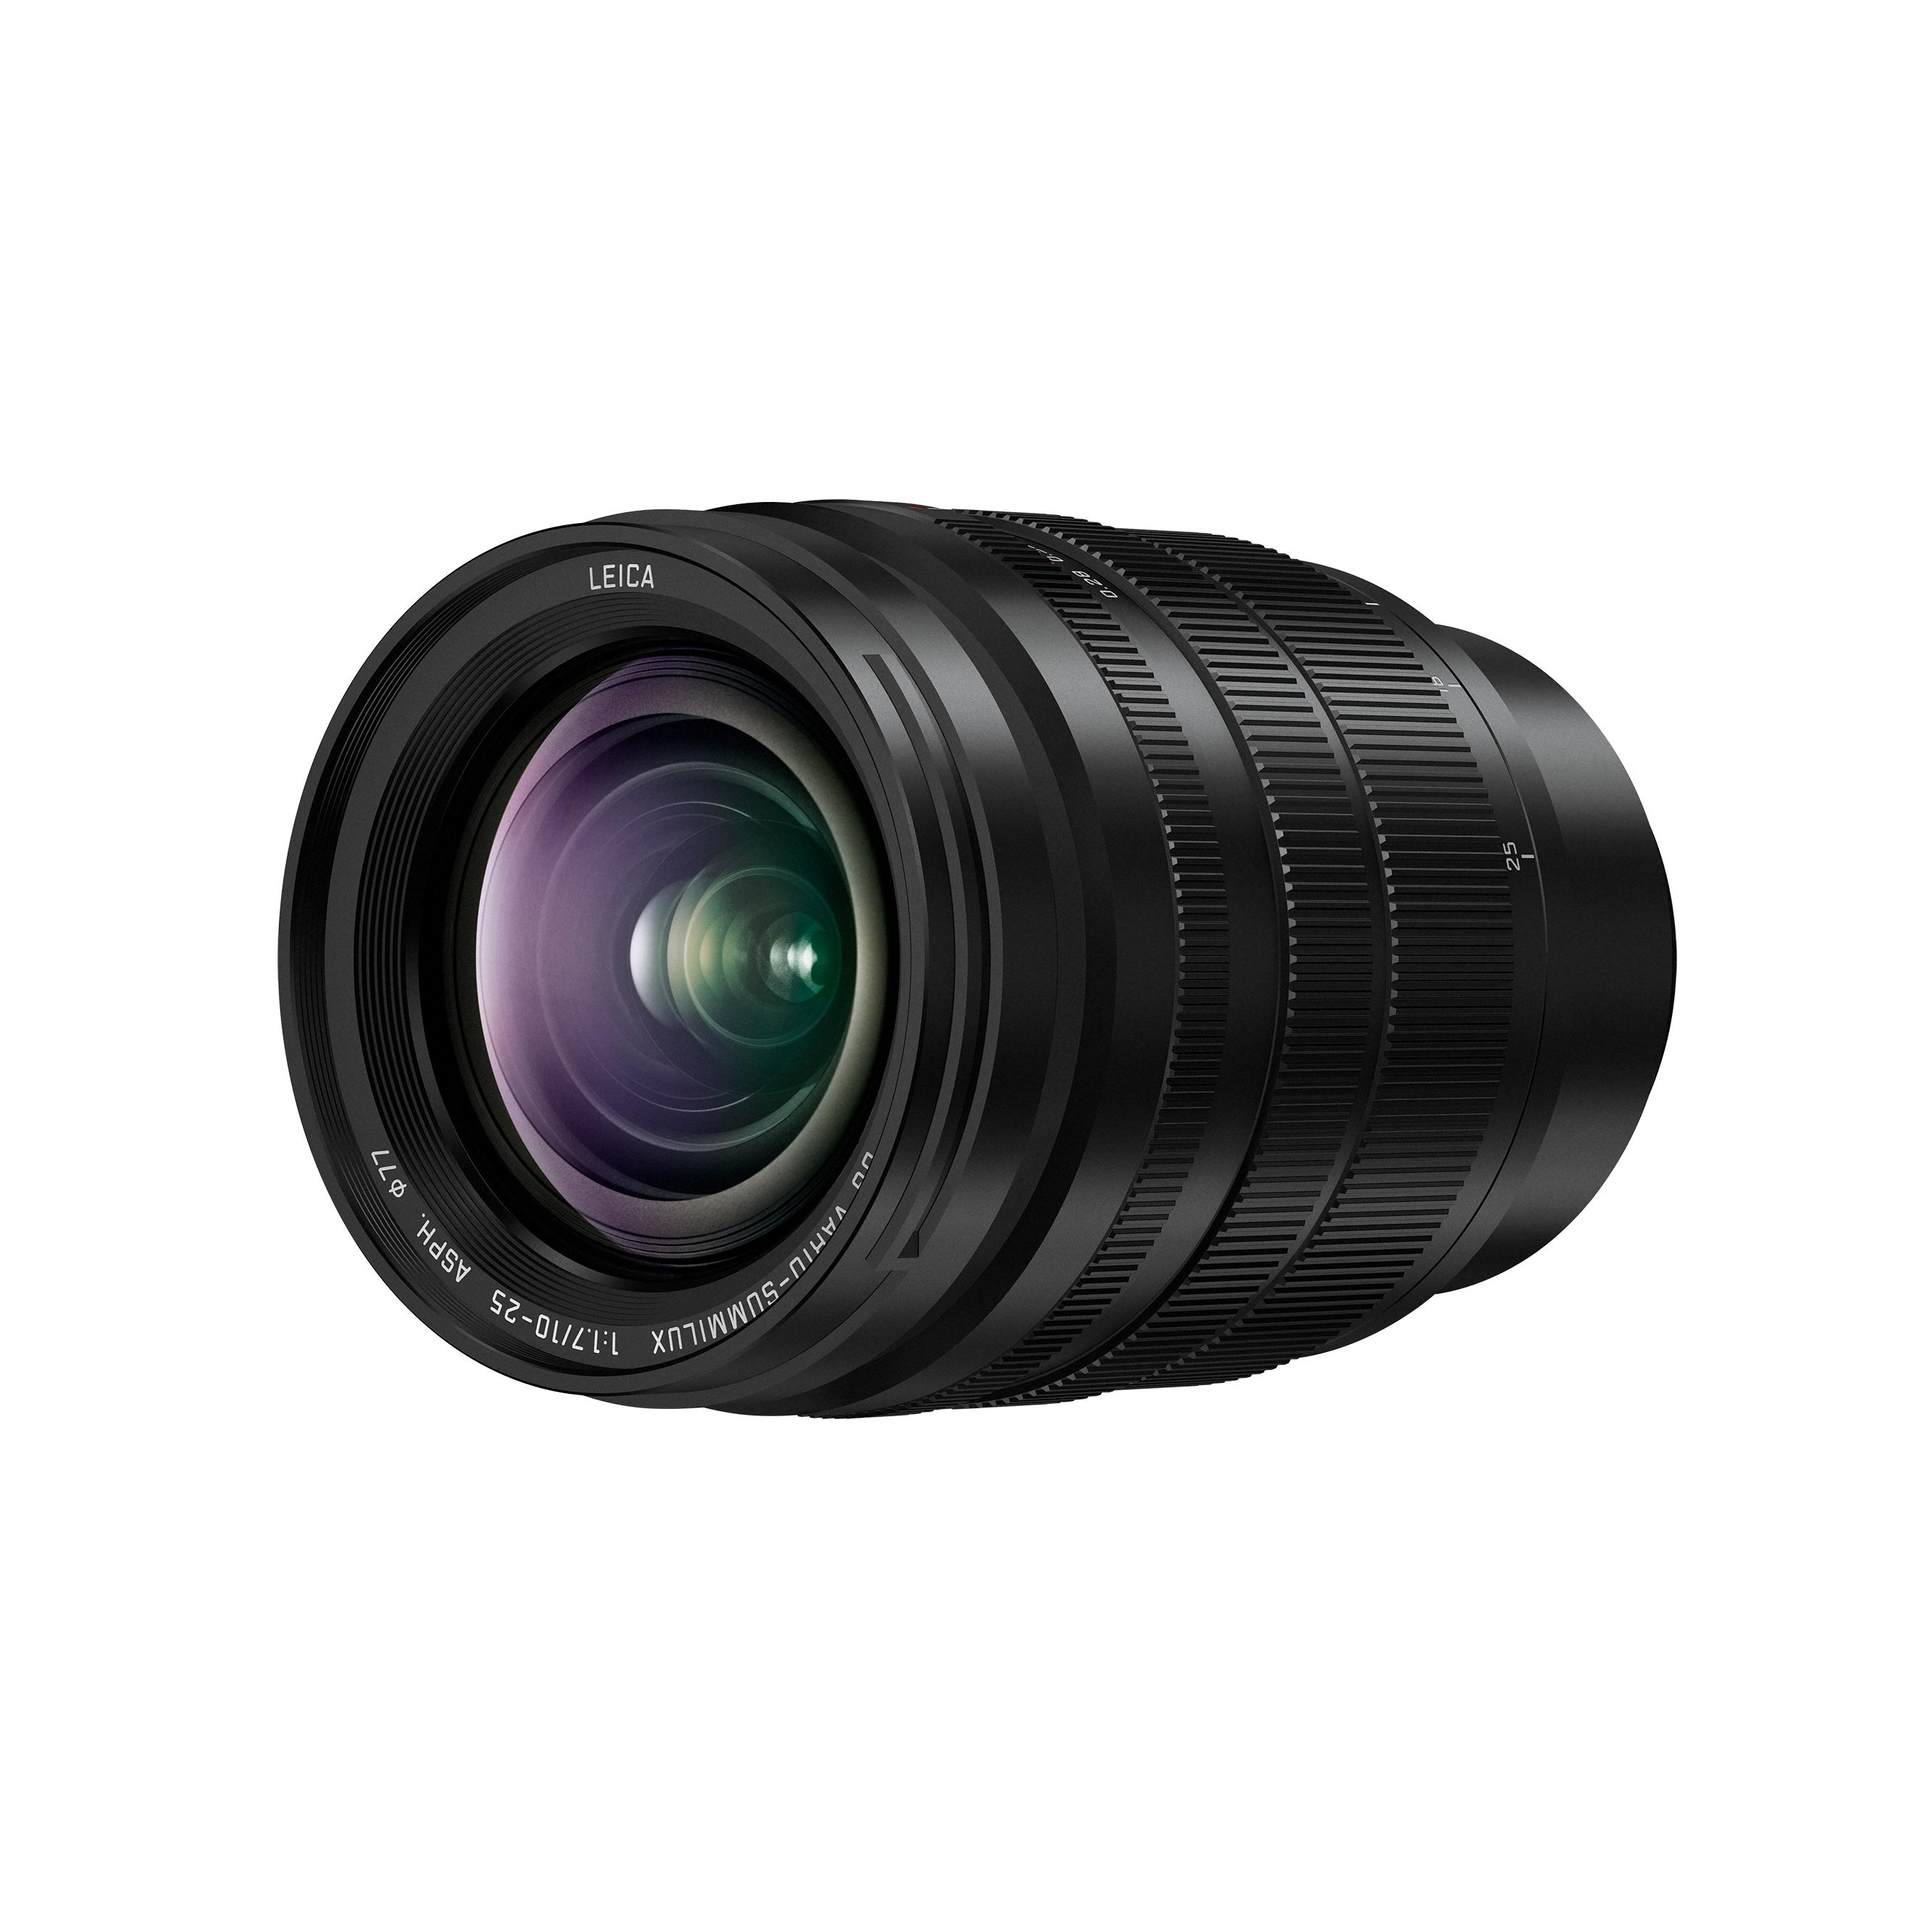 Henrys com : Lenses - Cameras